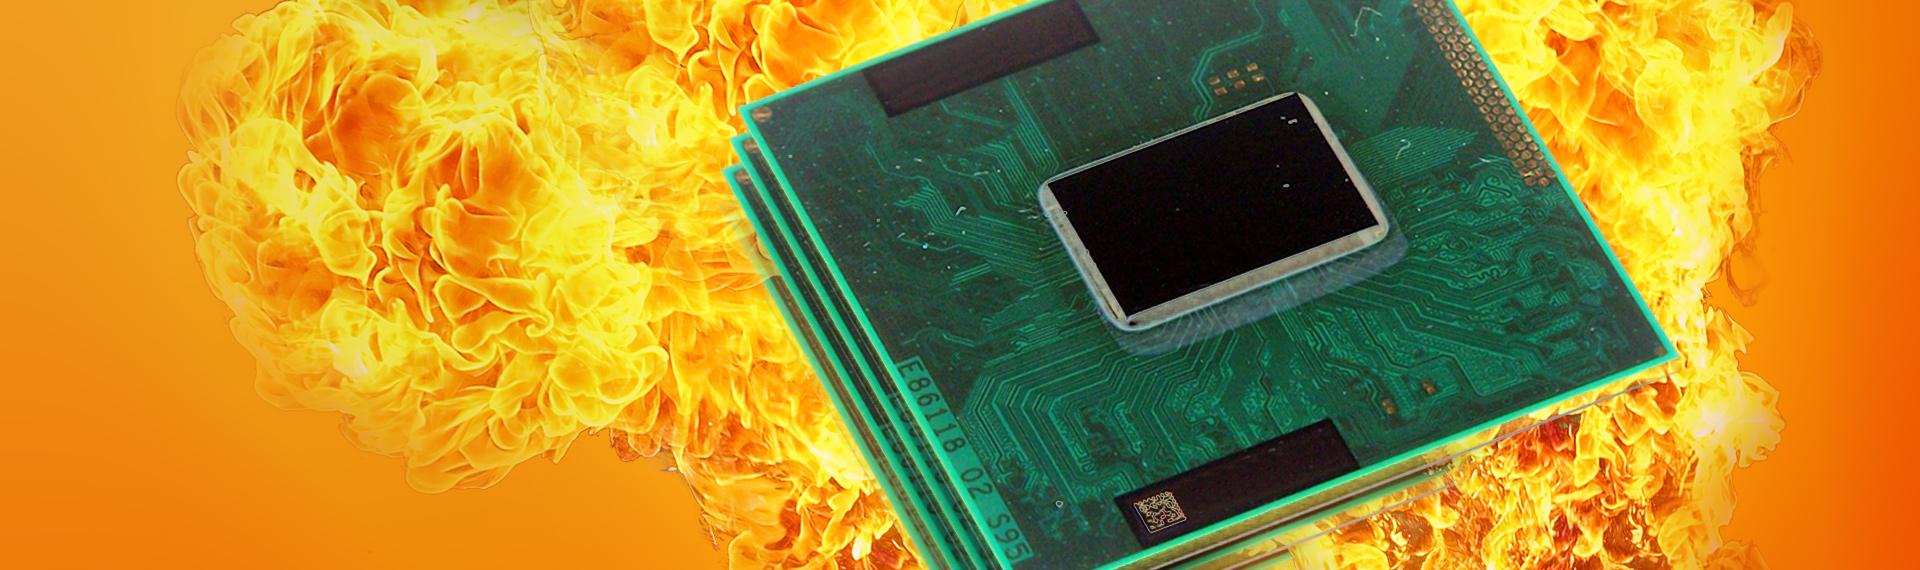 Intip Tips Mengatasi Kipas Laptop yang Bising